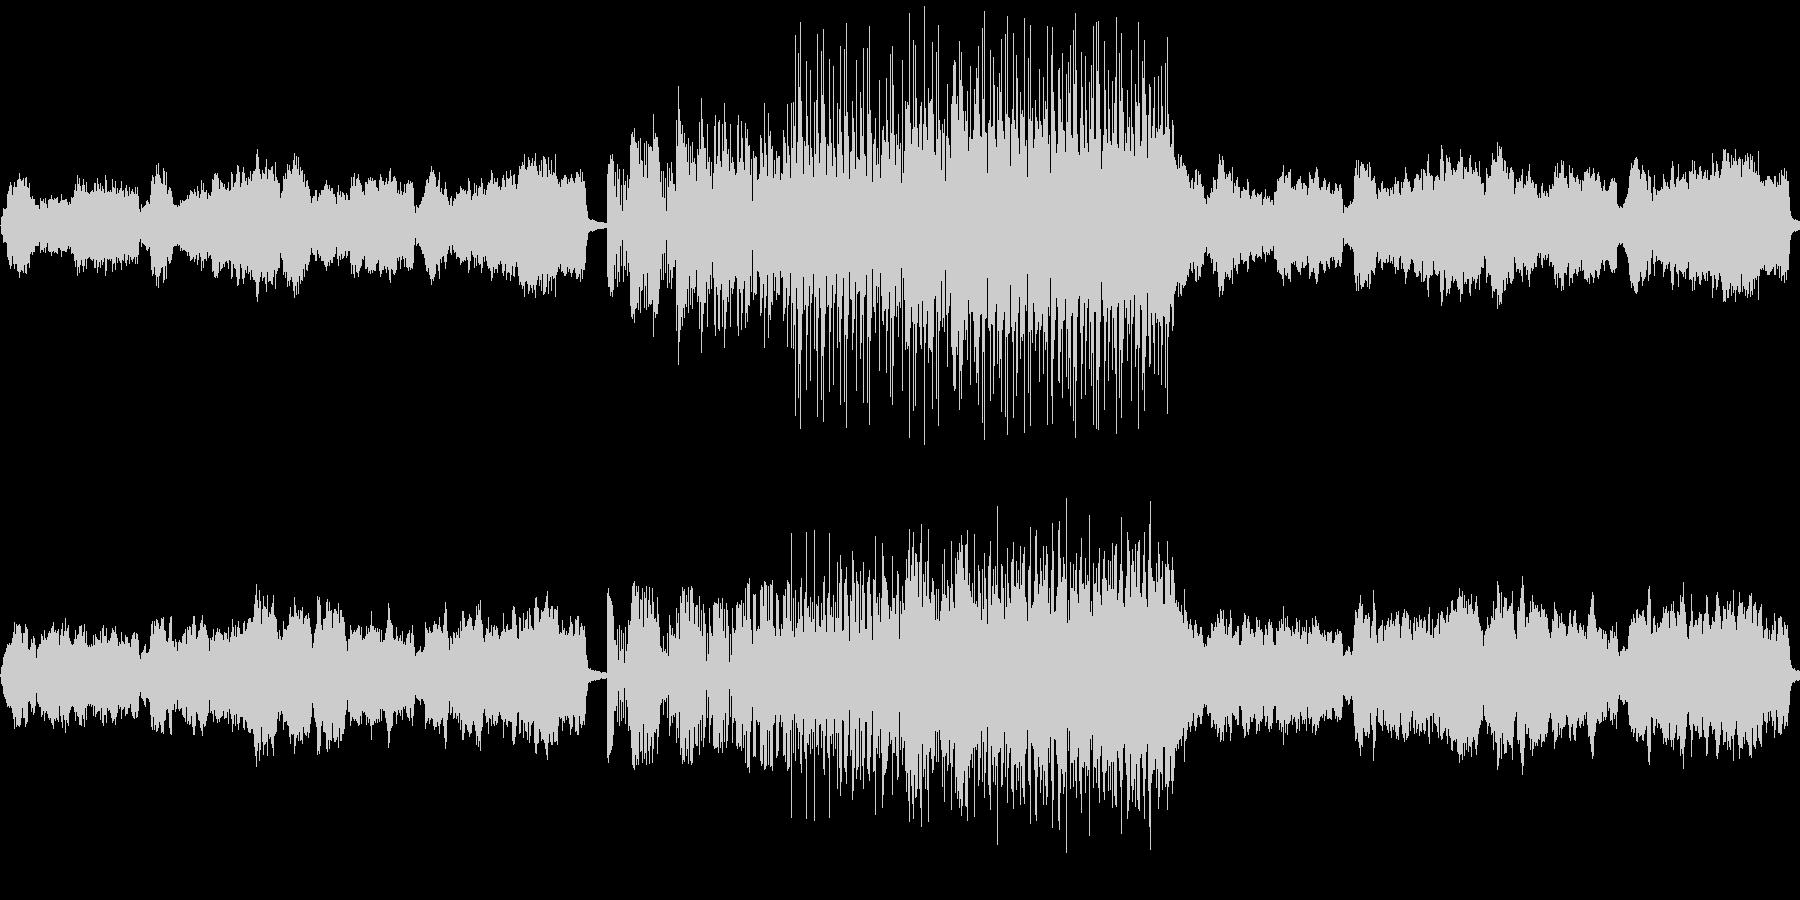 ファンタジーRPGで使用されるような曲…の未再生の波形